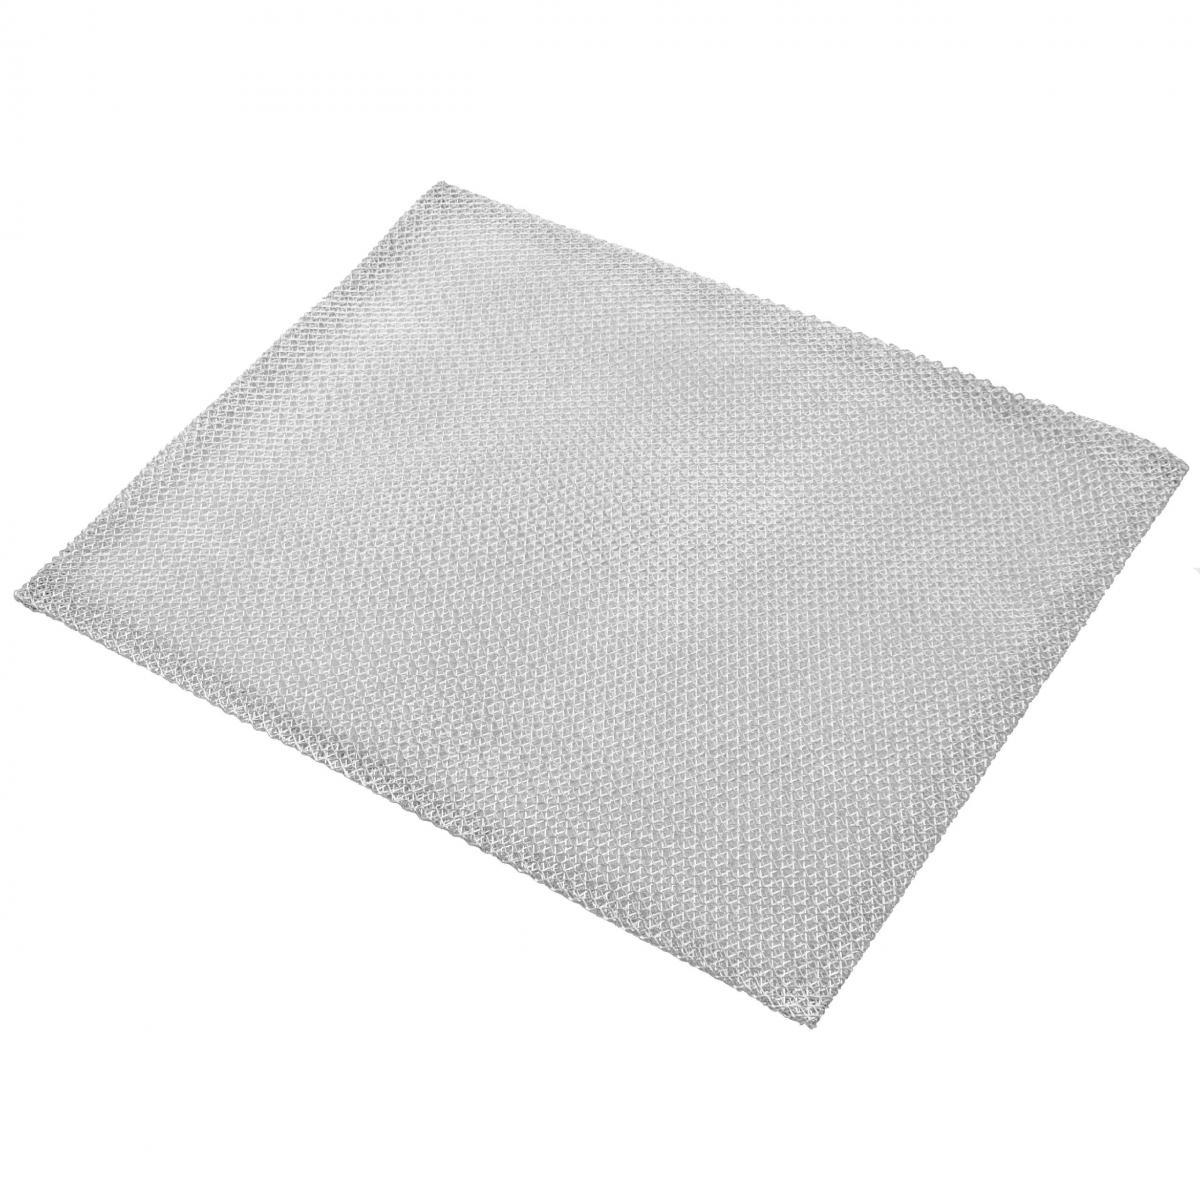 Vhbw vhbw Filtrepermanent filtre à graisse métallique 30 x 23,6 x 0,3cm convient pour Whirlpool AKR 973 857897301030 hottes d